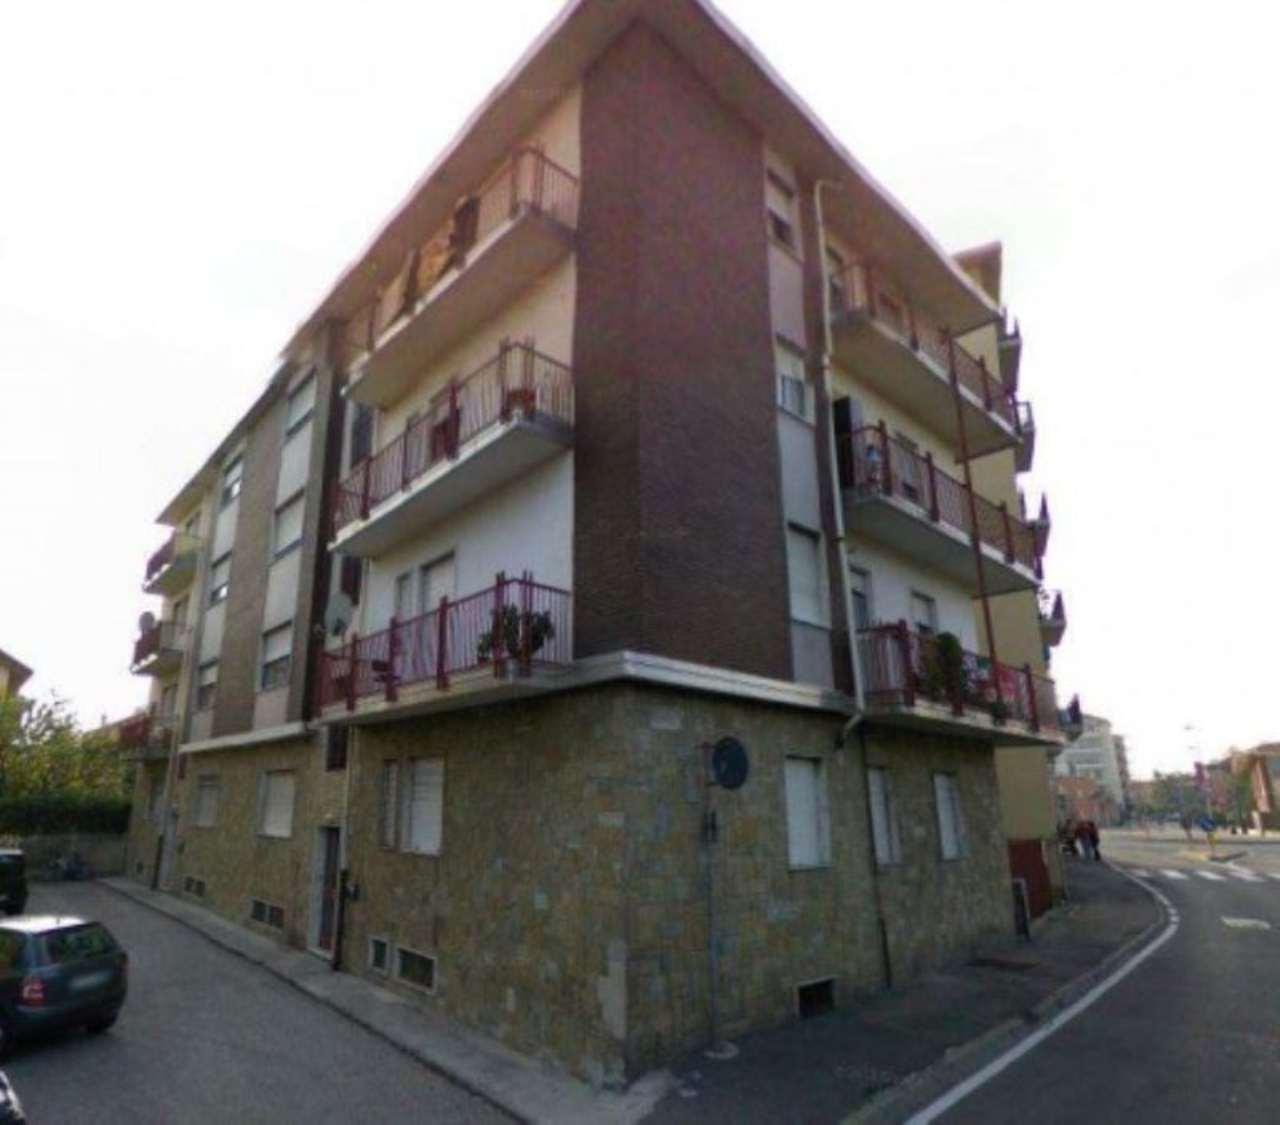 Appartamento in vendita a Settimo Torinese, 3 locali, prezzo € 91.000 | CambioCasa.it